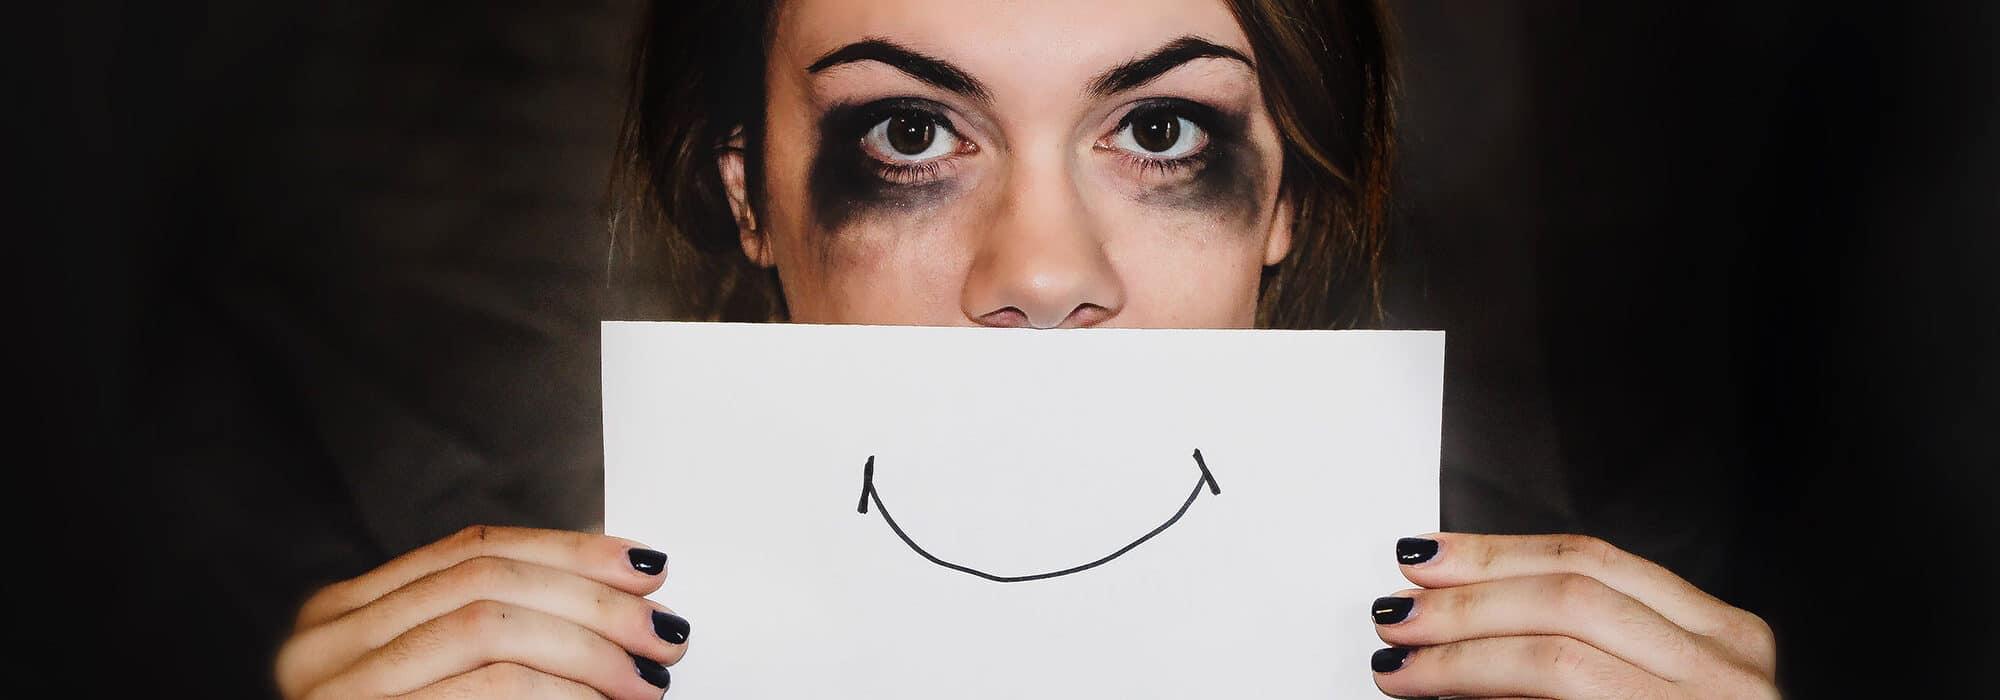 Wat zijn onthoudingsverschijnselen bij een drugsverslaving en wat kan je hieraan doen?